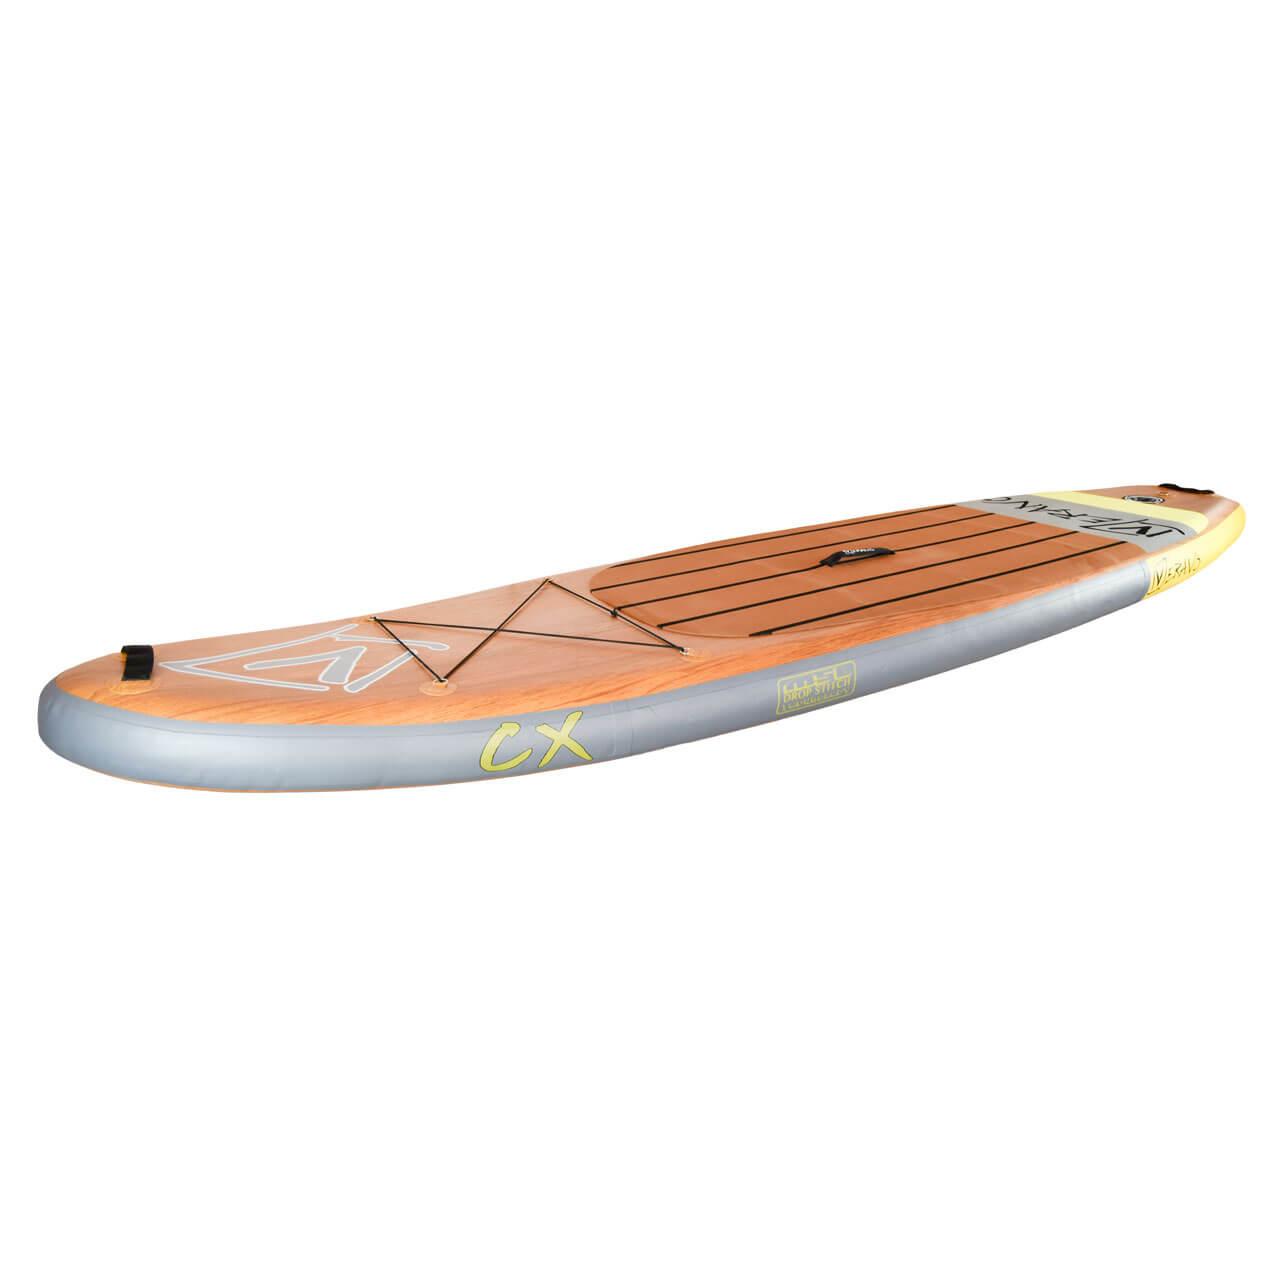 Verano  SUP 10.6 CX - Paddle Board